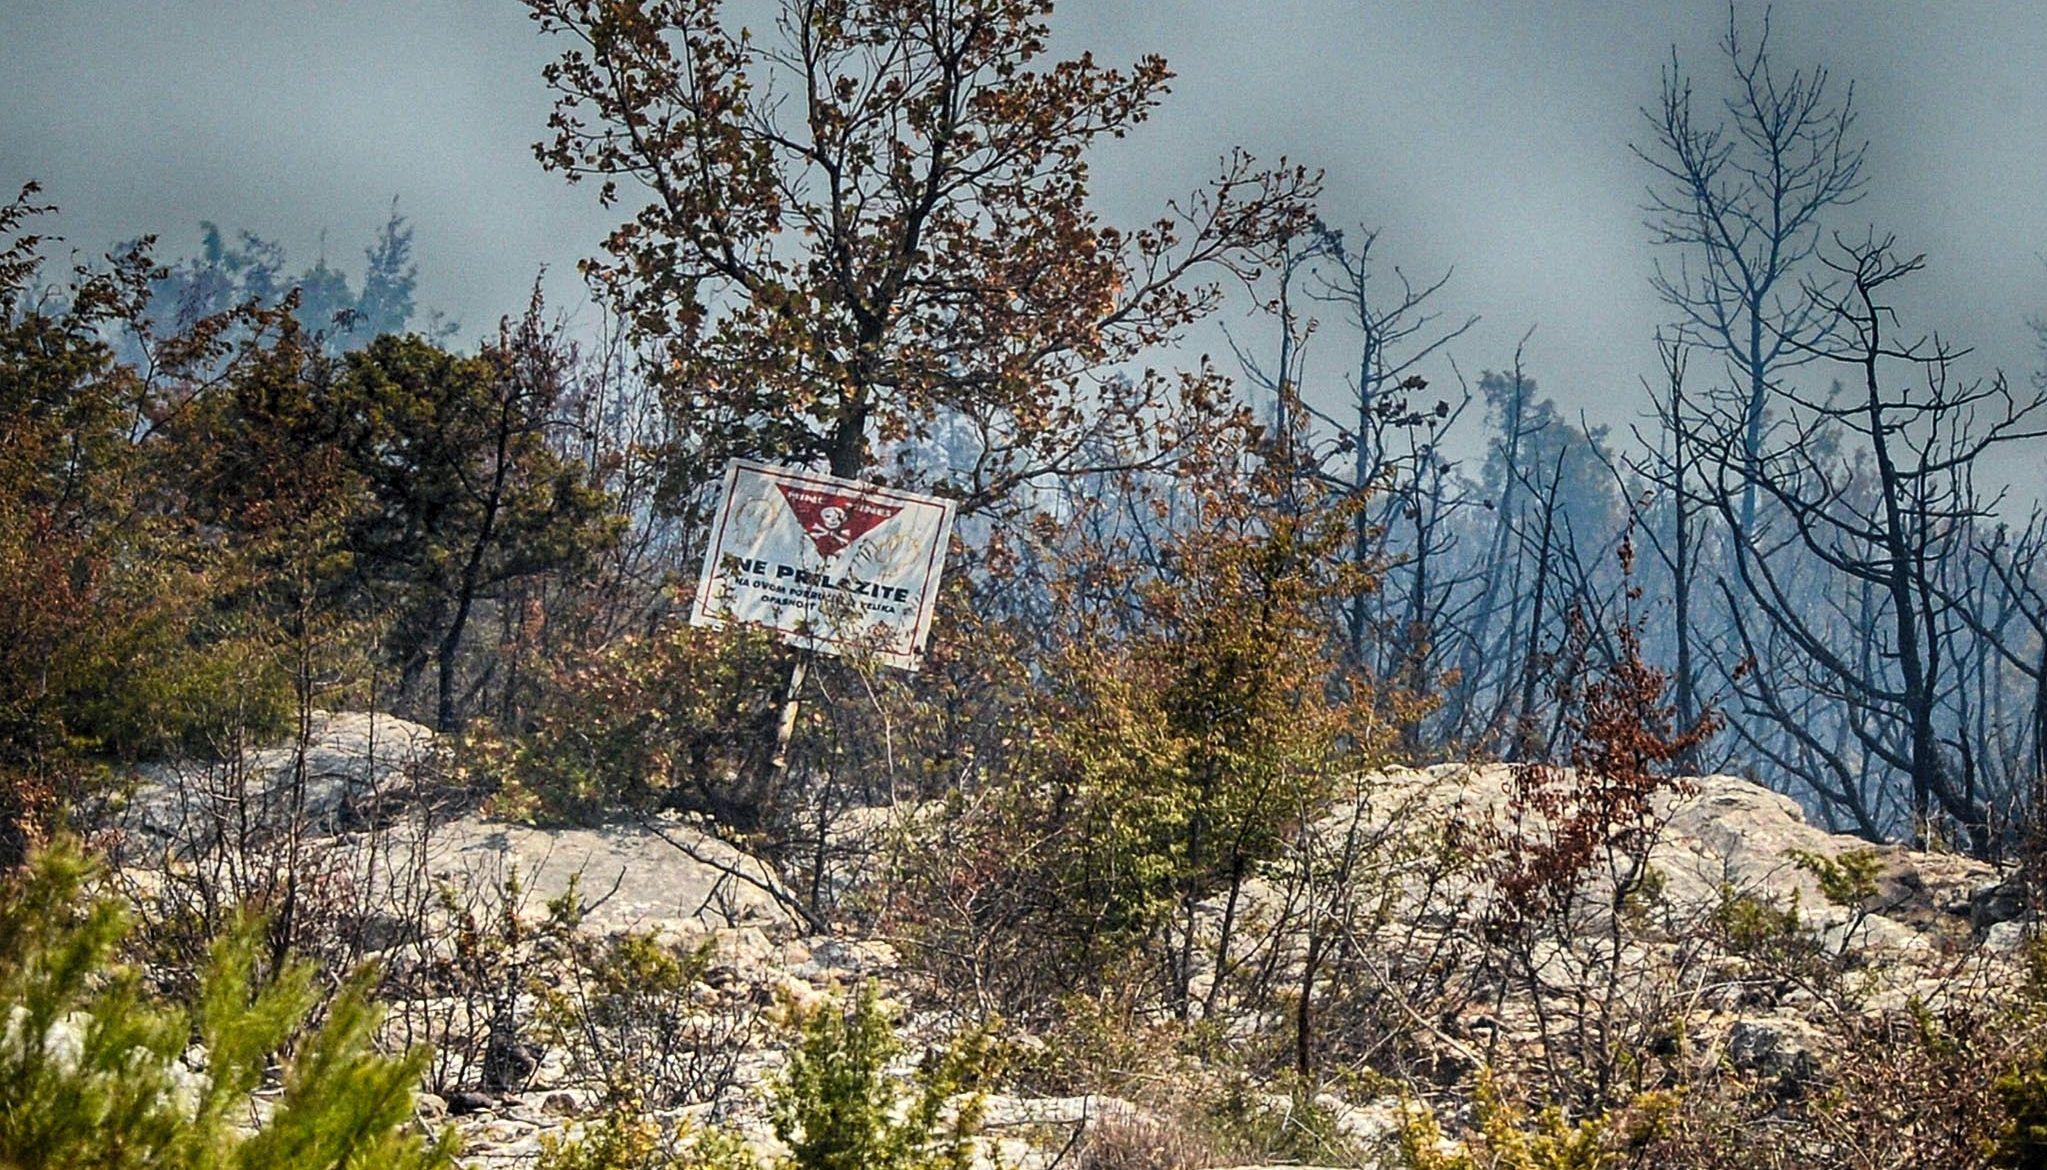 DALMACIJA Spojila se dva požara kod Kistanja, evakuirano 12 osoba iz sela Pavići